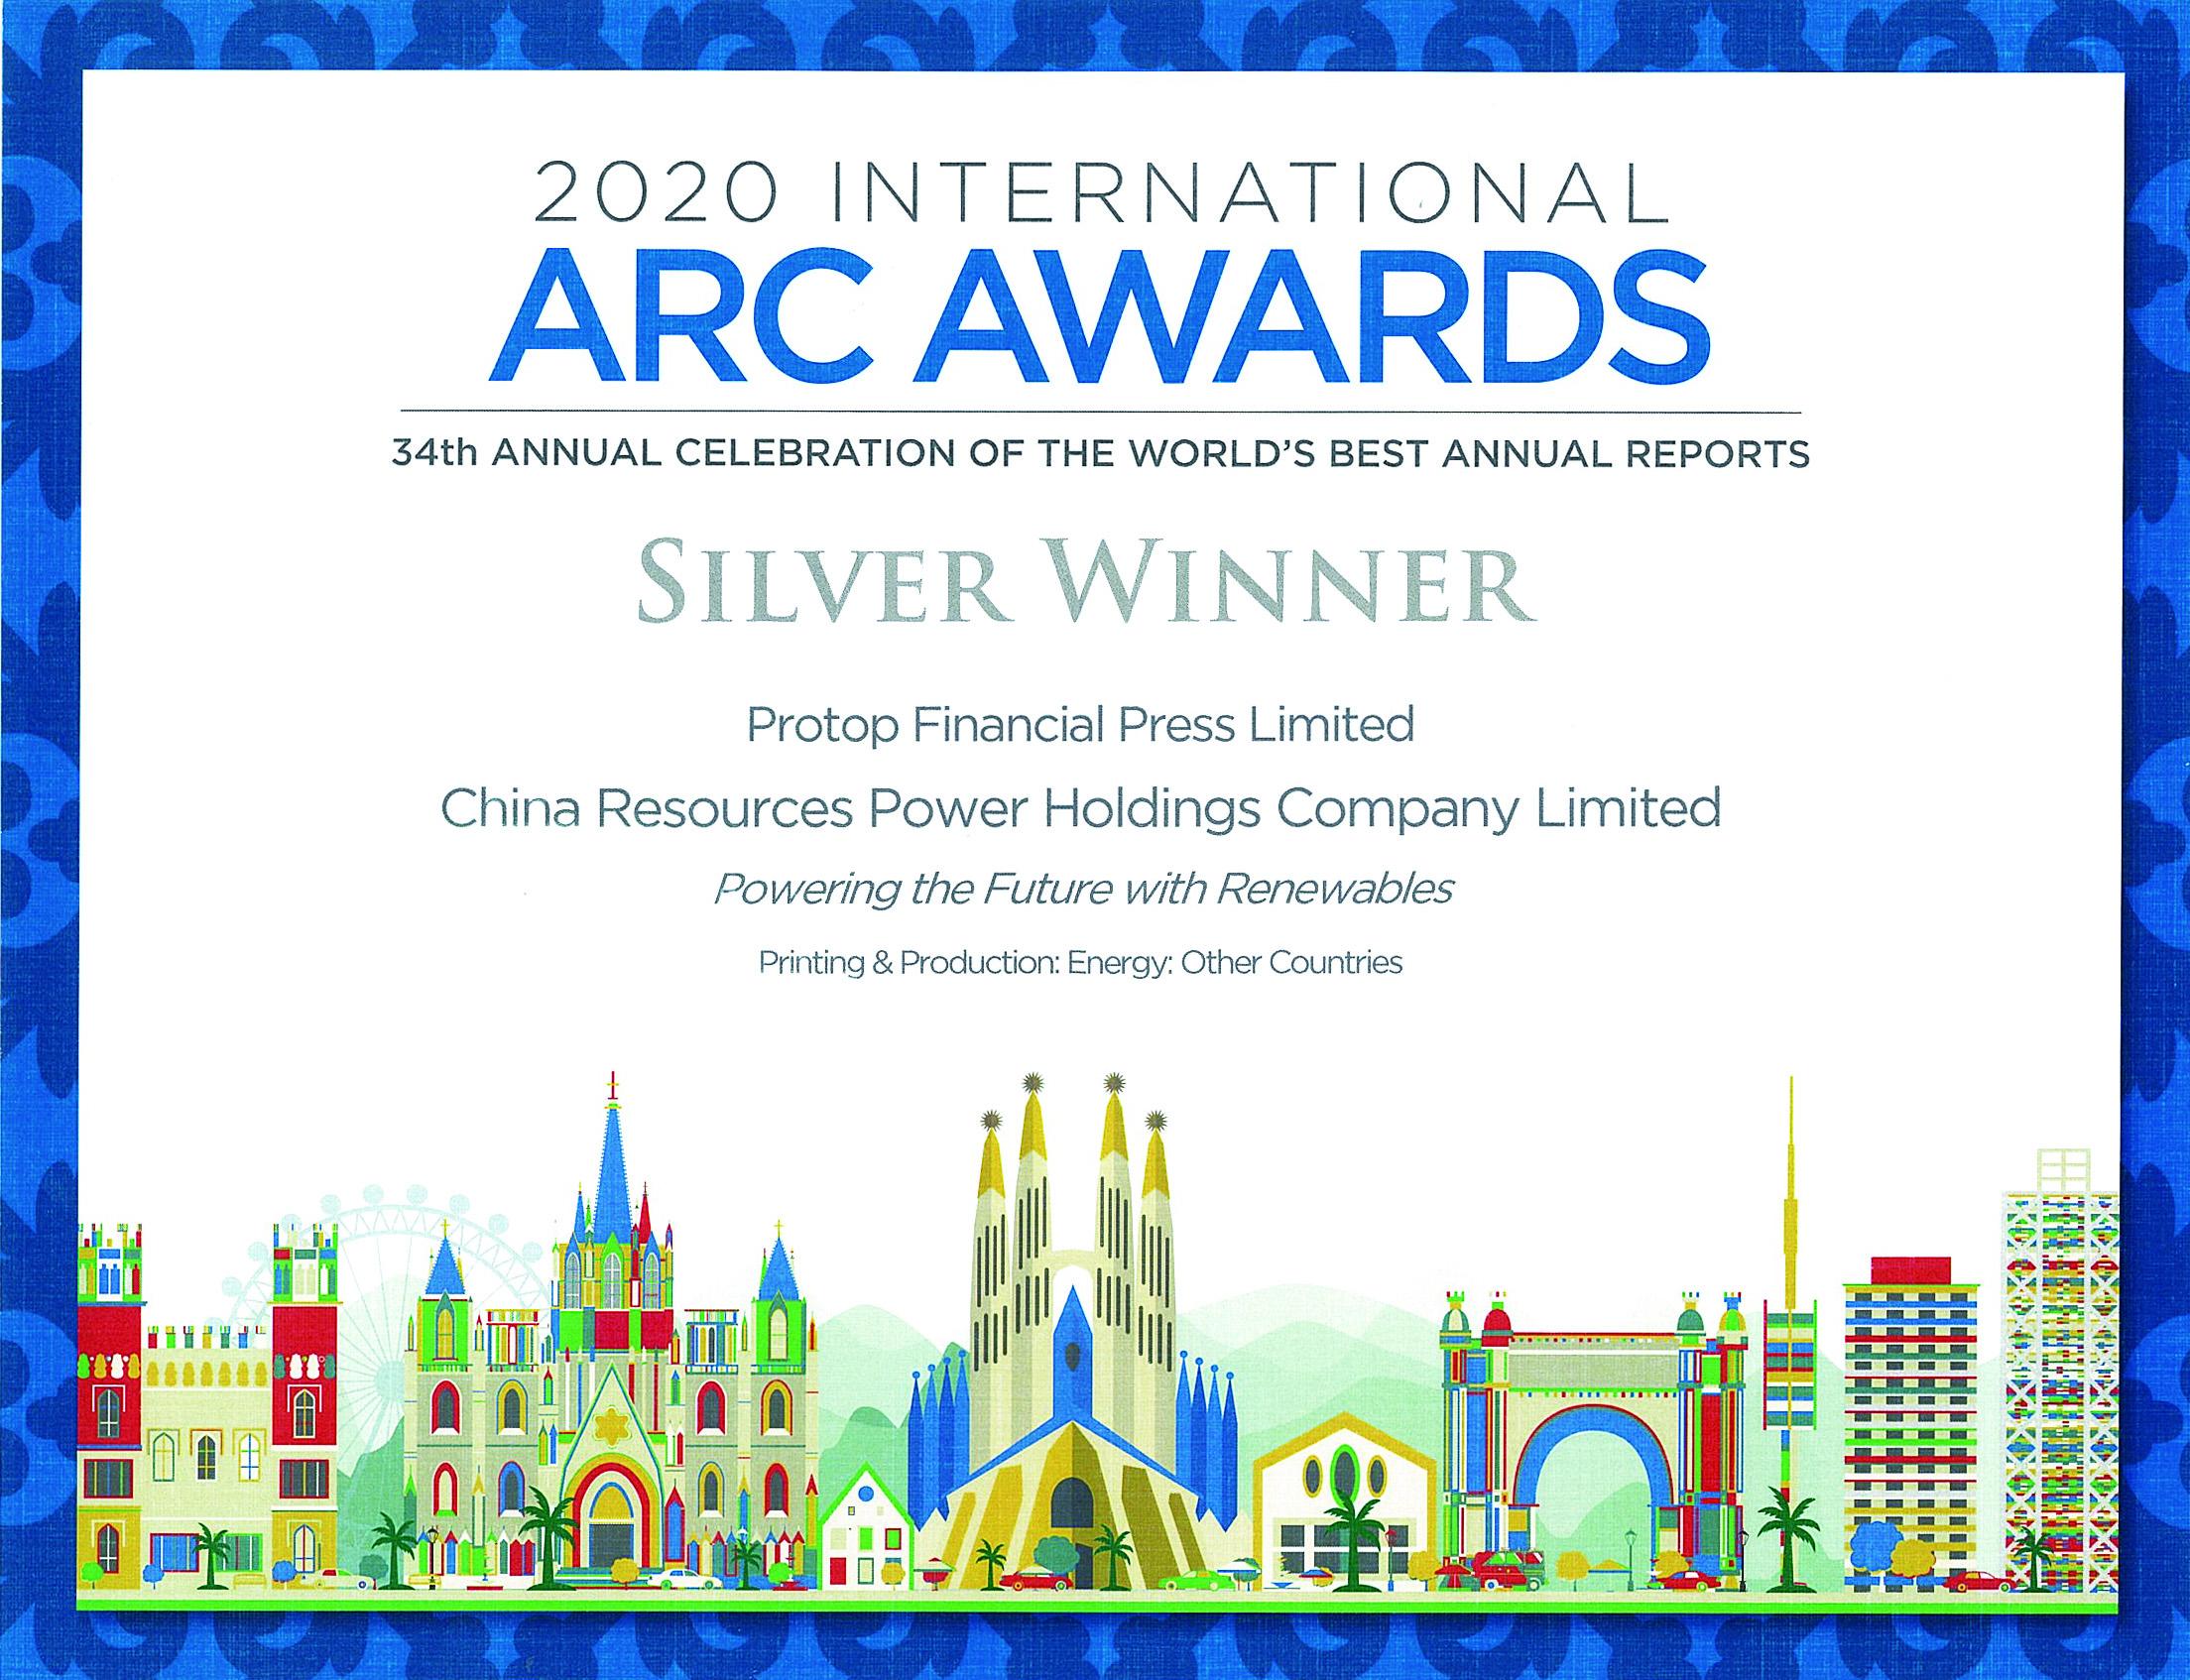 华润电力控股有限公司 2020 Silver Award Other Countries